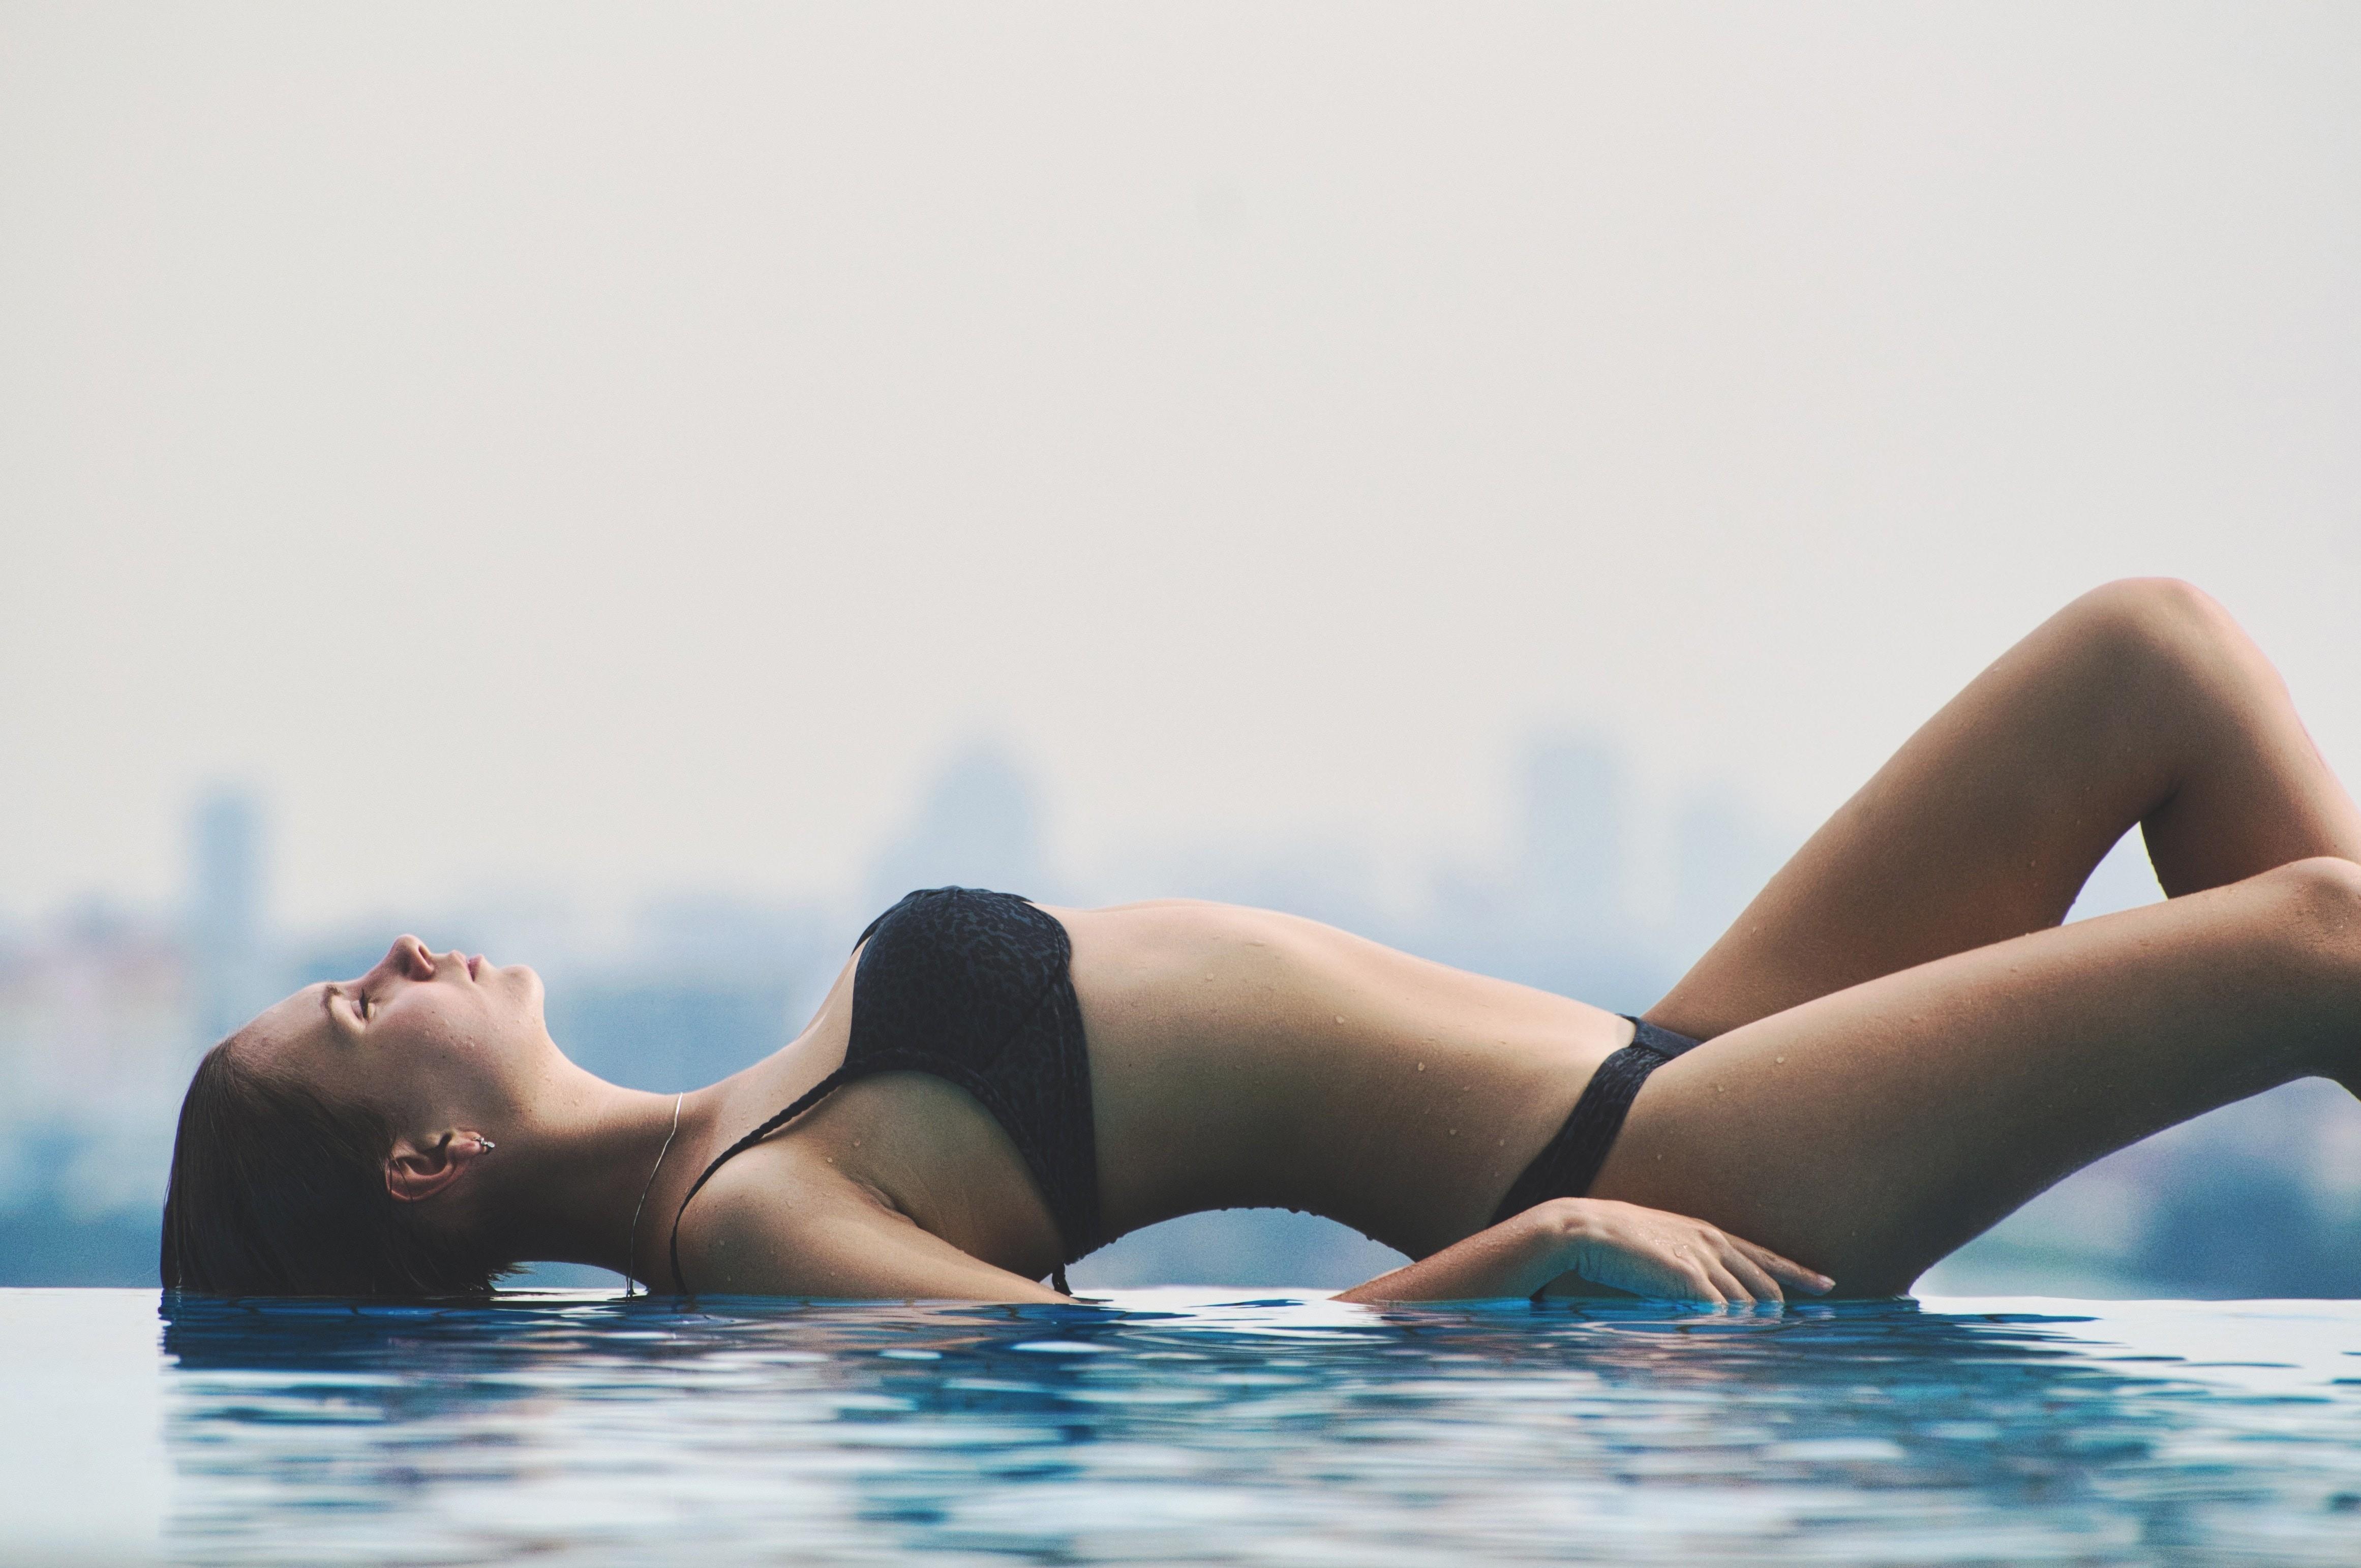 7 хитростей, которые помогут сбросить вес без изменения пищевых привычек